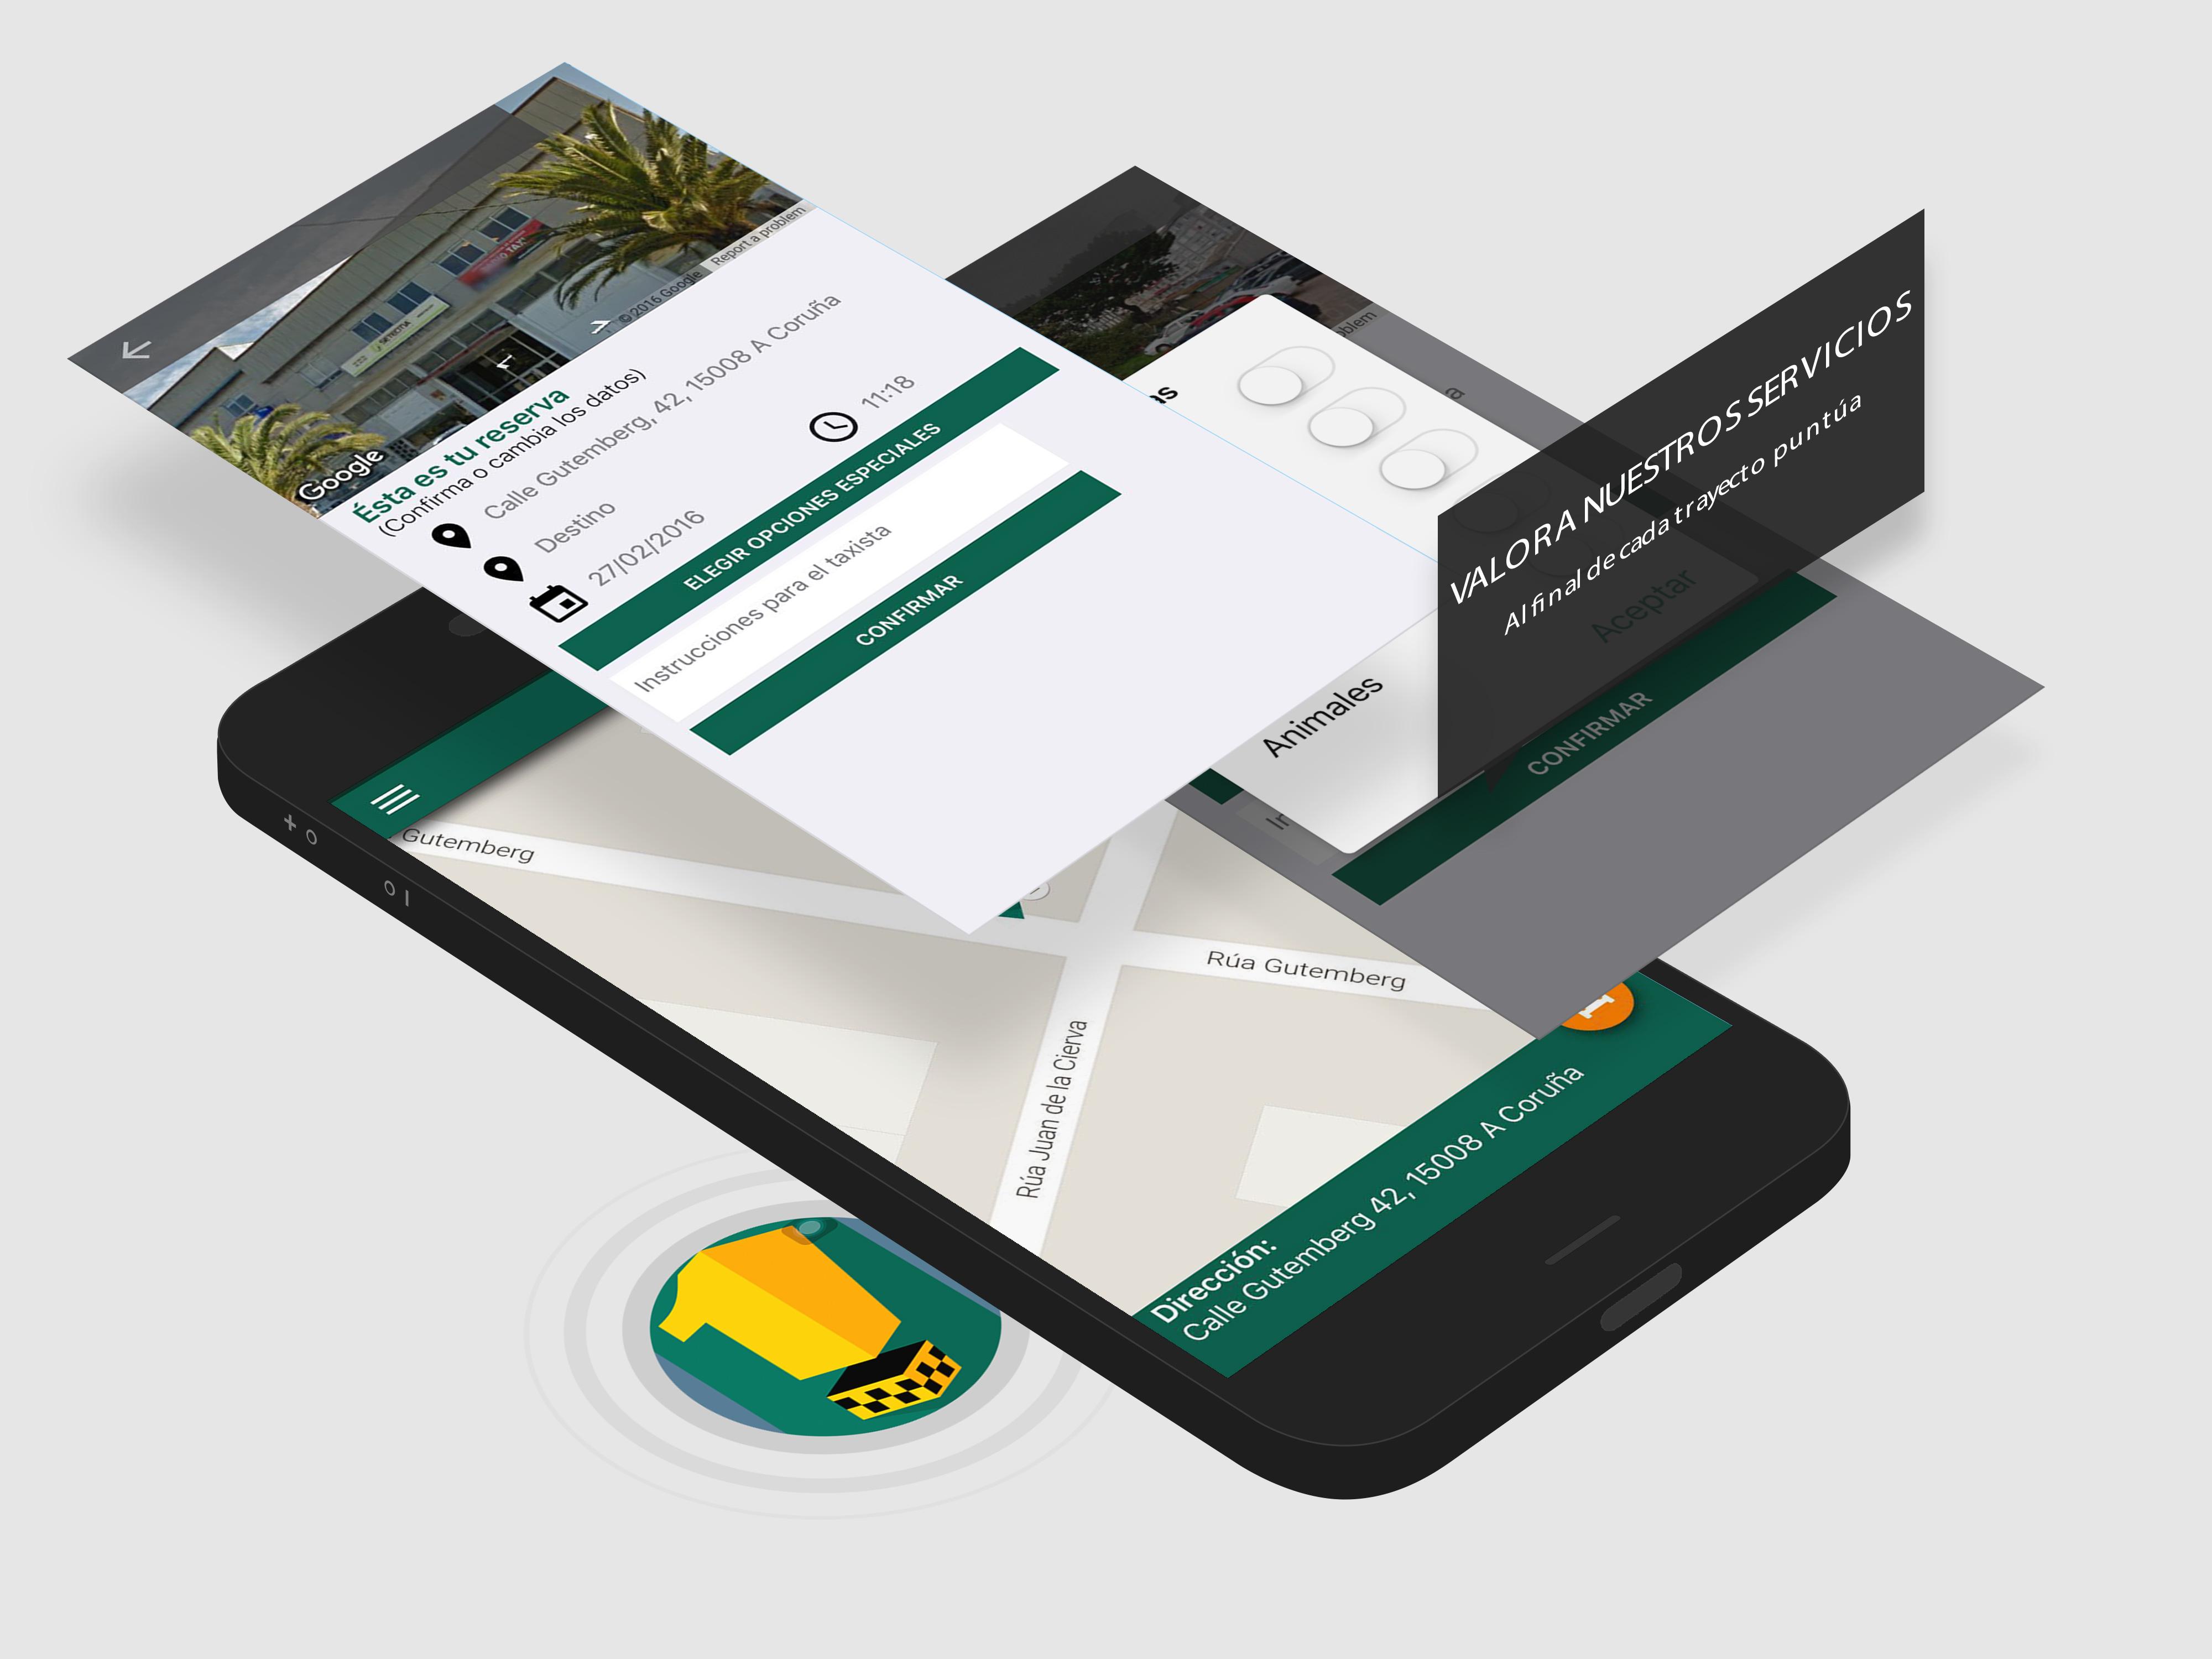 app-1taxi